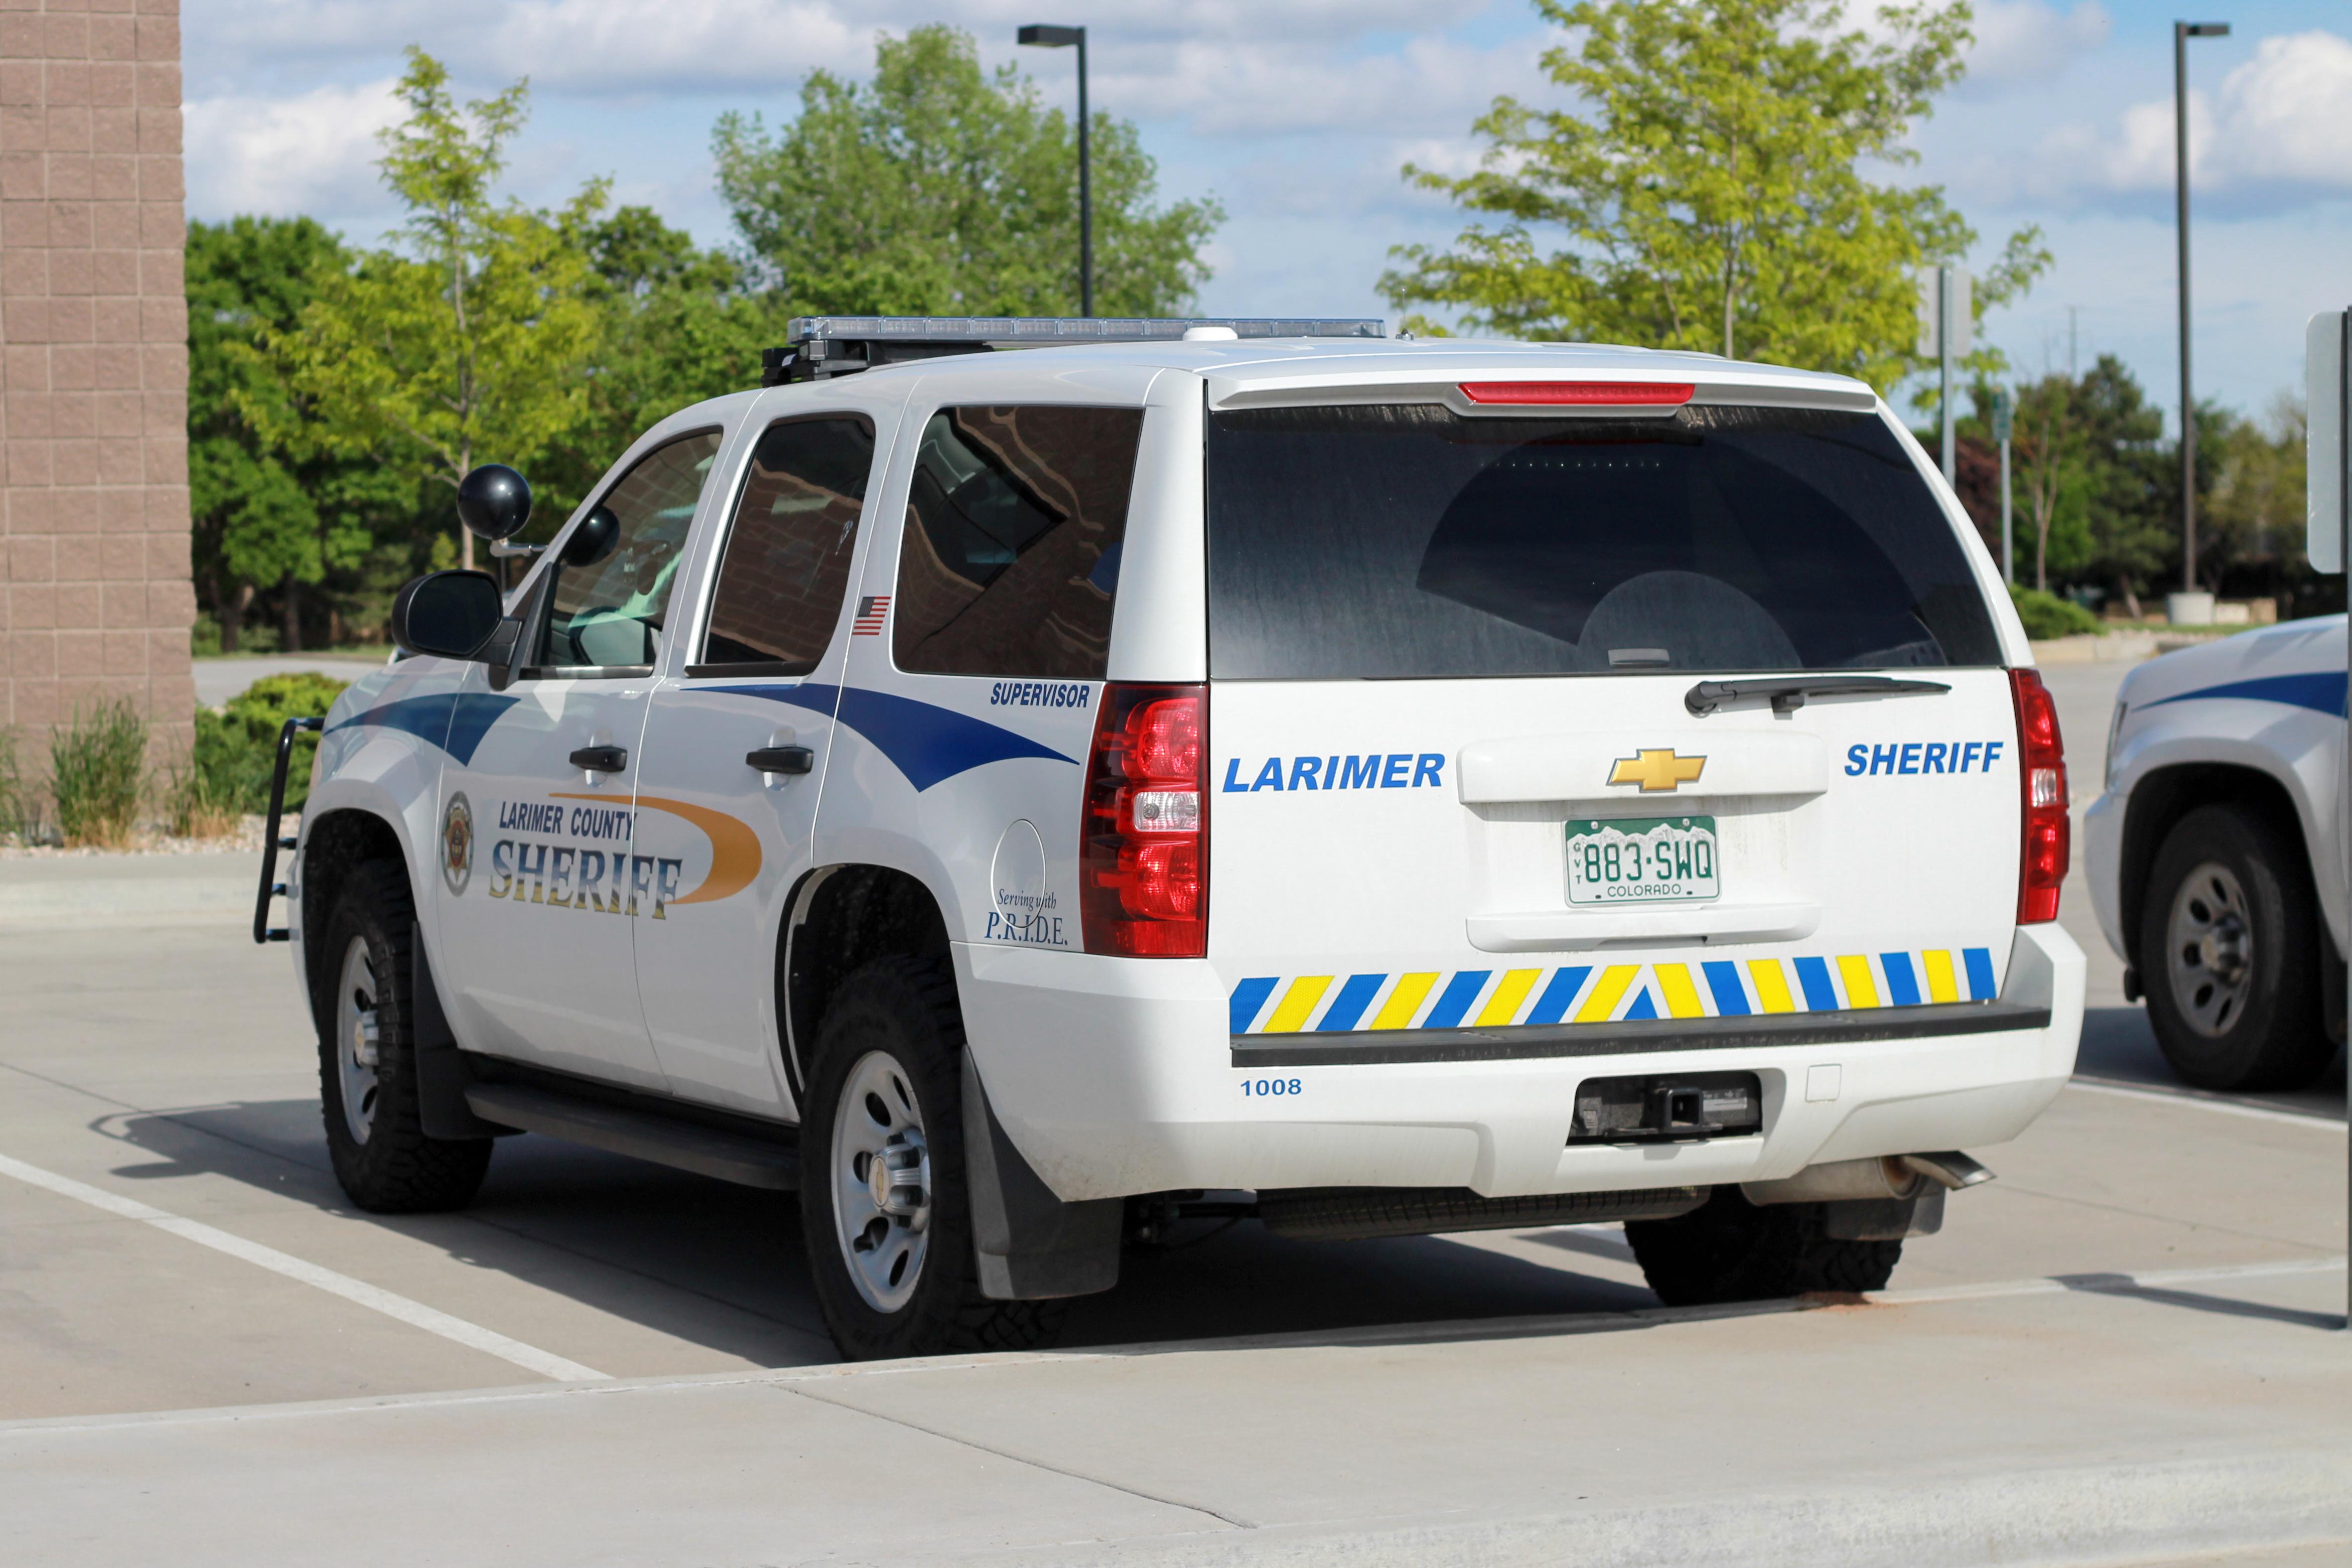 File:Larimer Sheriff- 2014 Chevrolet Tahoe (17874874928) jpg